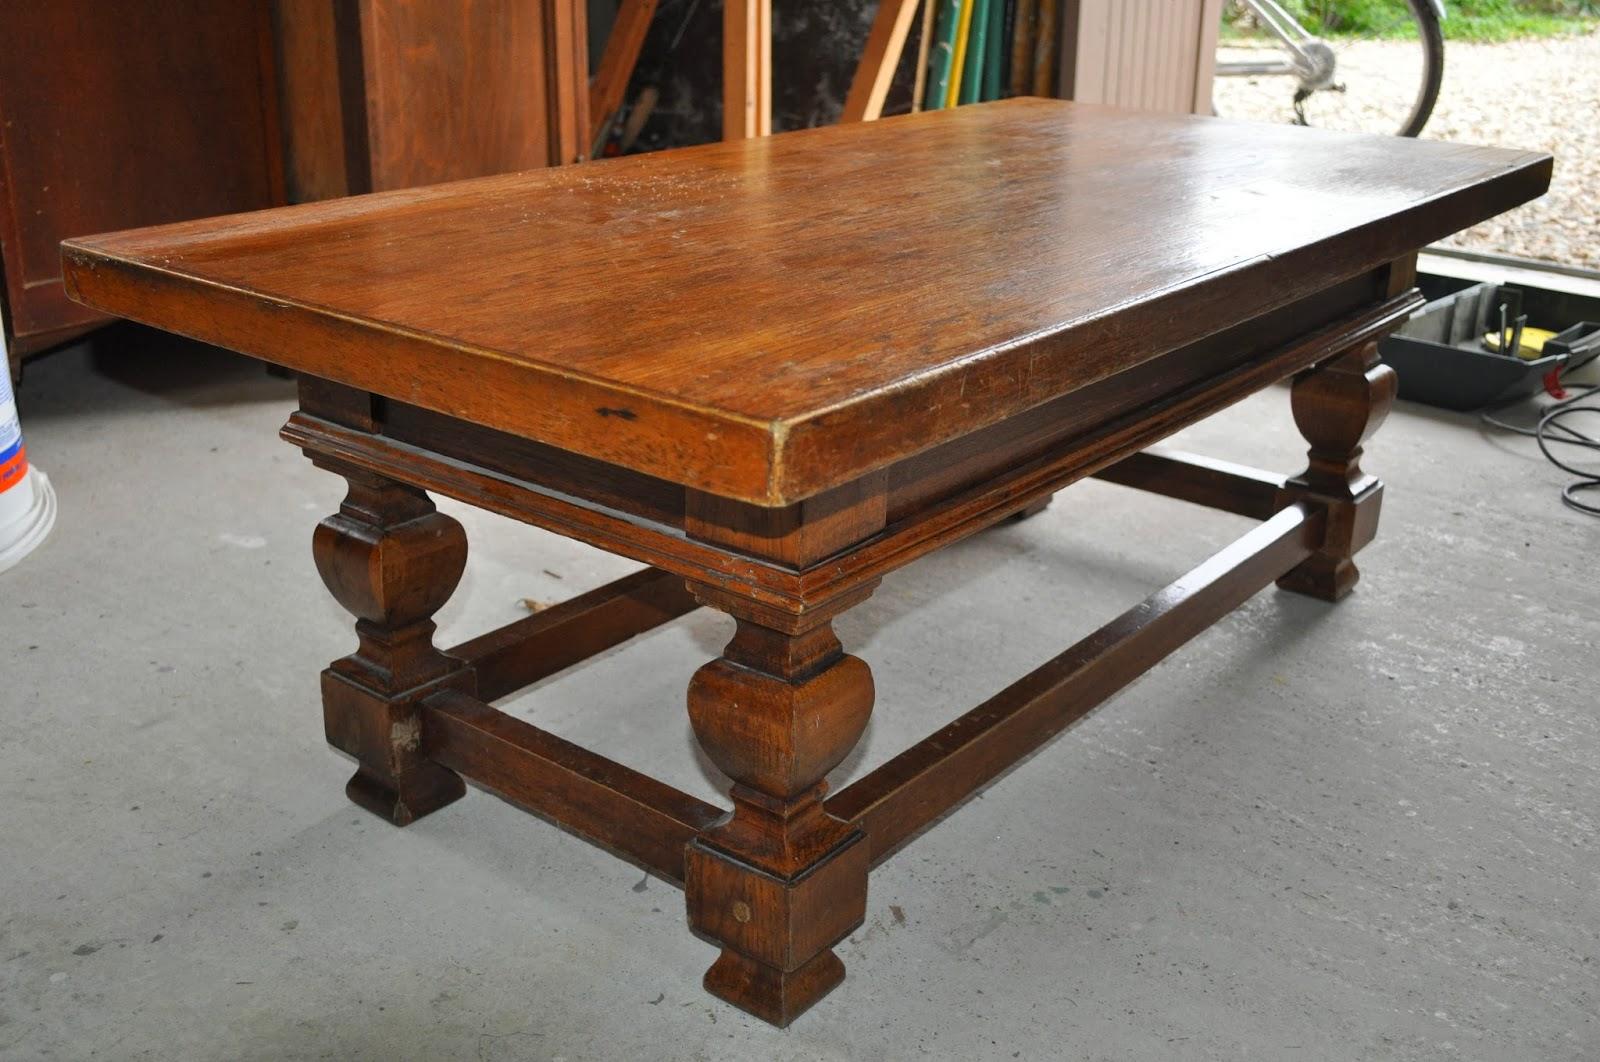 Repeindre Une Table Basse En Bois.Comment Repeindre Une Table Basse En Bois Boutique Gain De